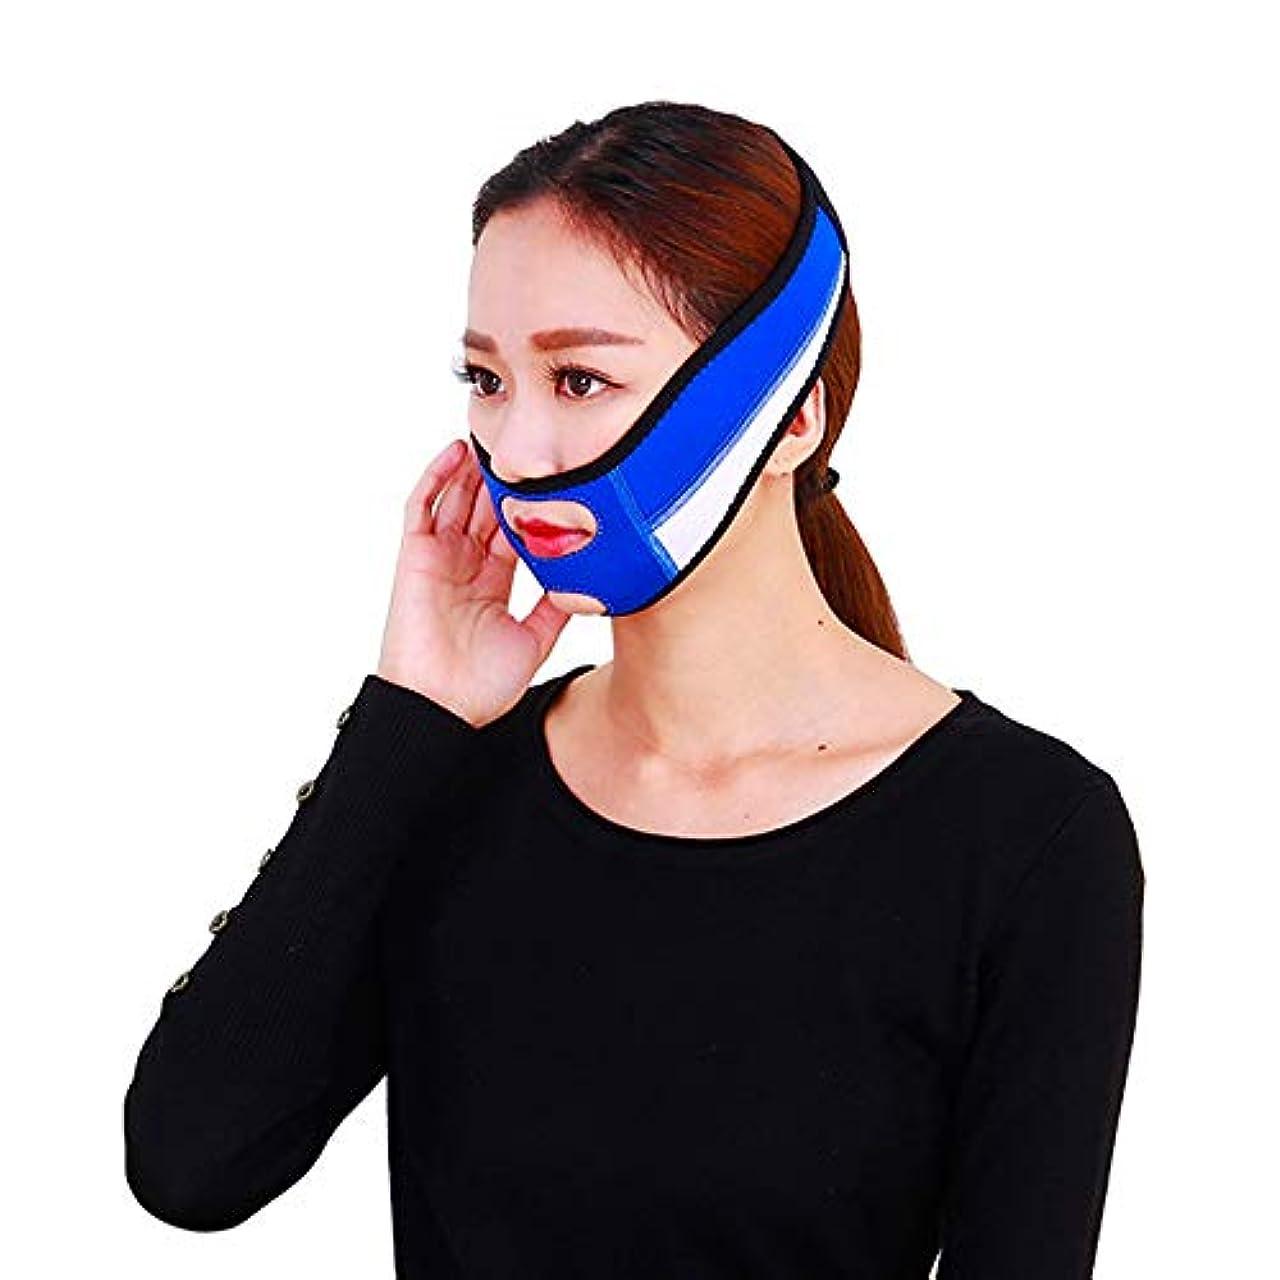 タバコフレームワーク部族フェイススリミングマスク、Vラインチンチーク女性用リフトアップバンド、あごジムダブルあごリデューサーフェイススリミングバンデージベルトマスクフェイスリフトマッサージ器筋肉ストラップ